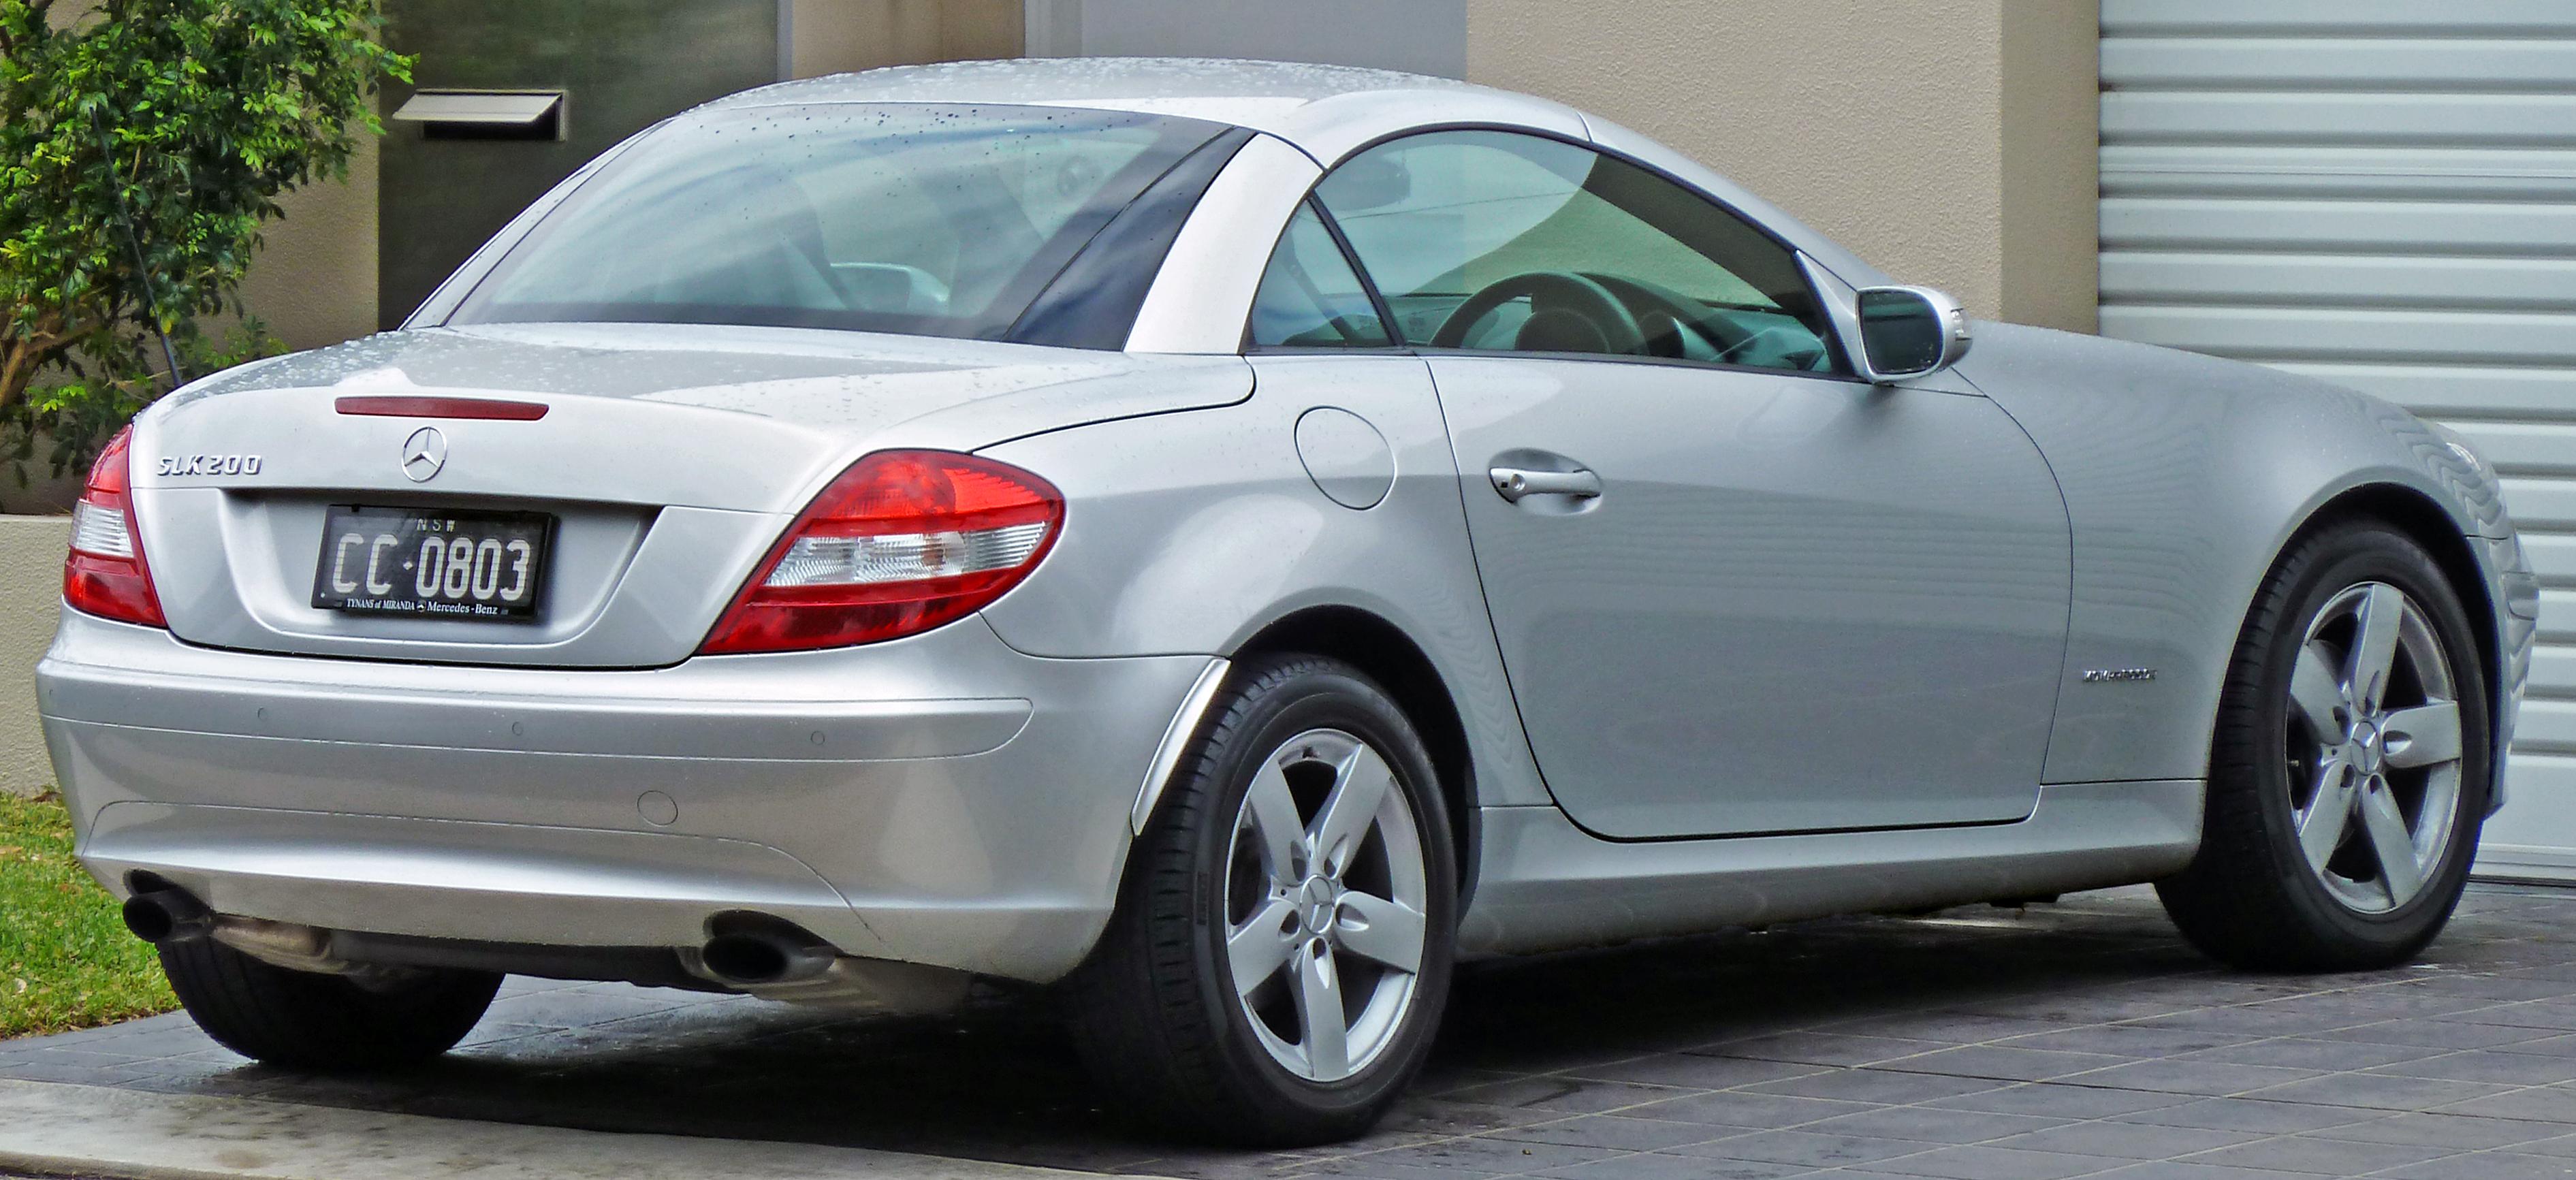 Mercedes-Benz SLK-klasse II (R171) 2004 - 2008 Roadster #3